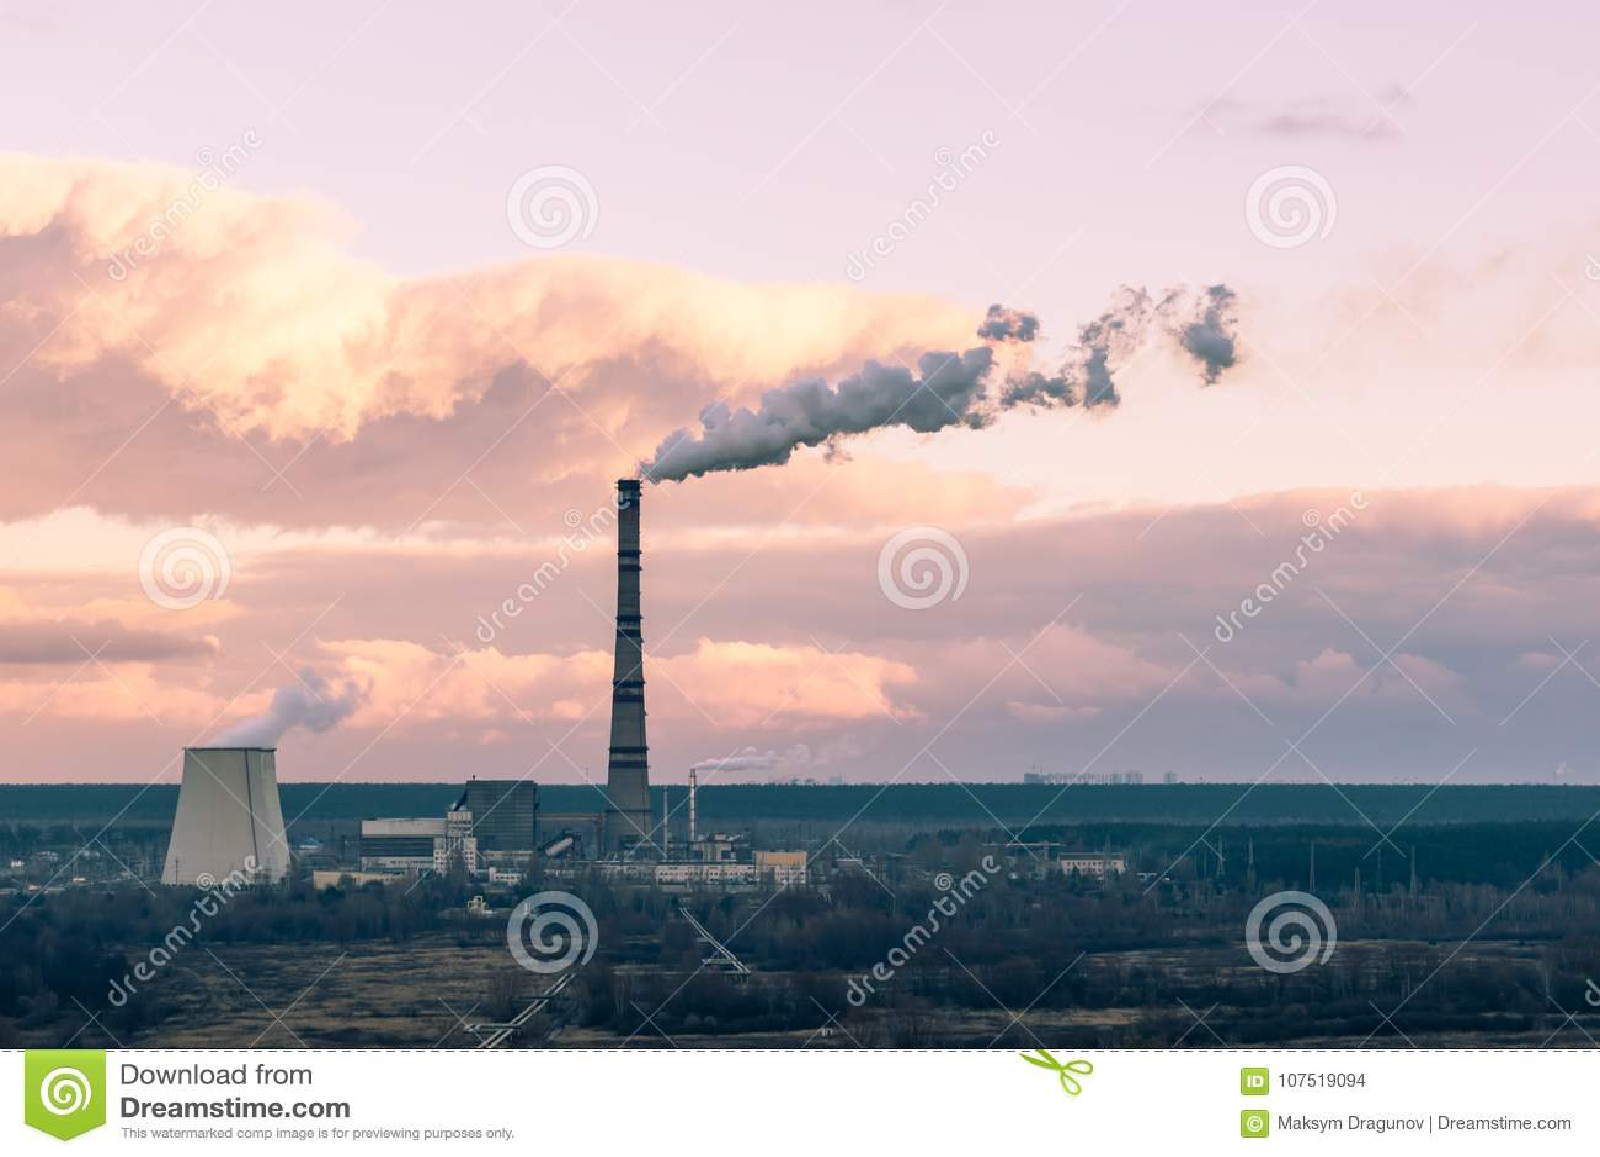 Heat Power Plant On Autumn Sunset Stock Photo - Image of